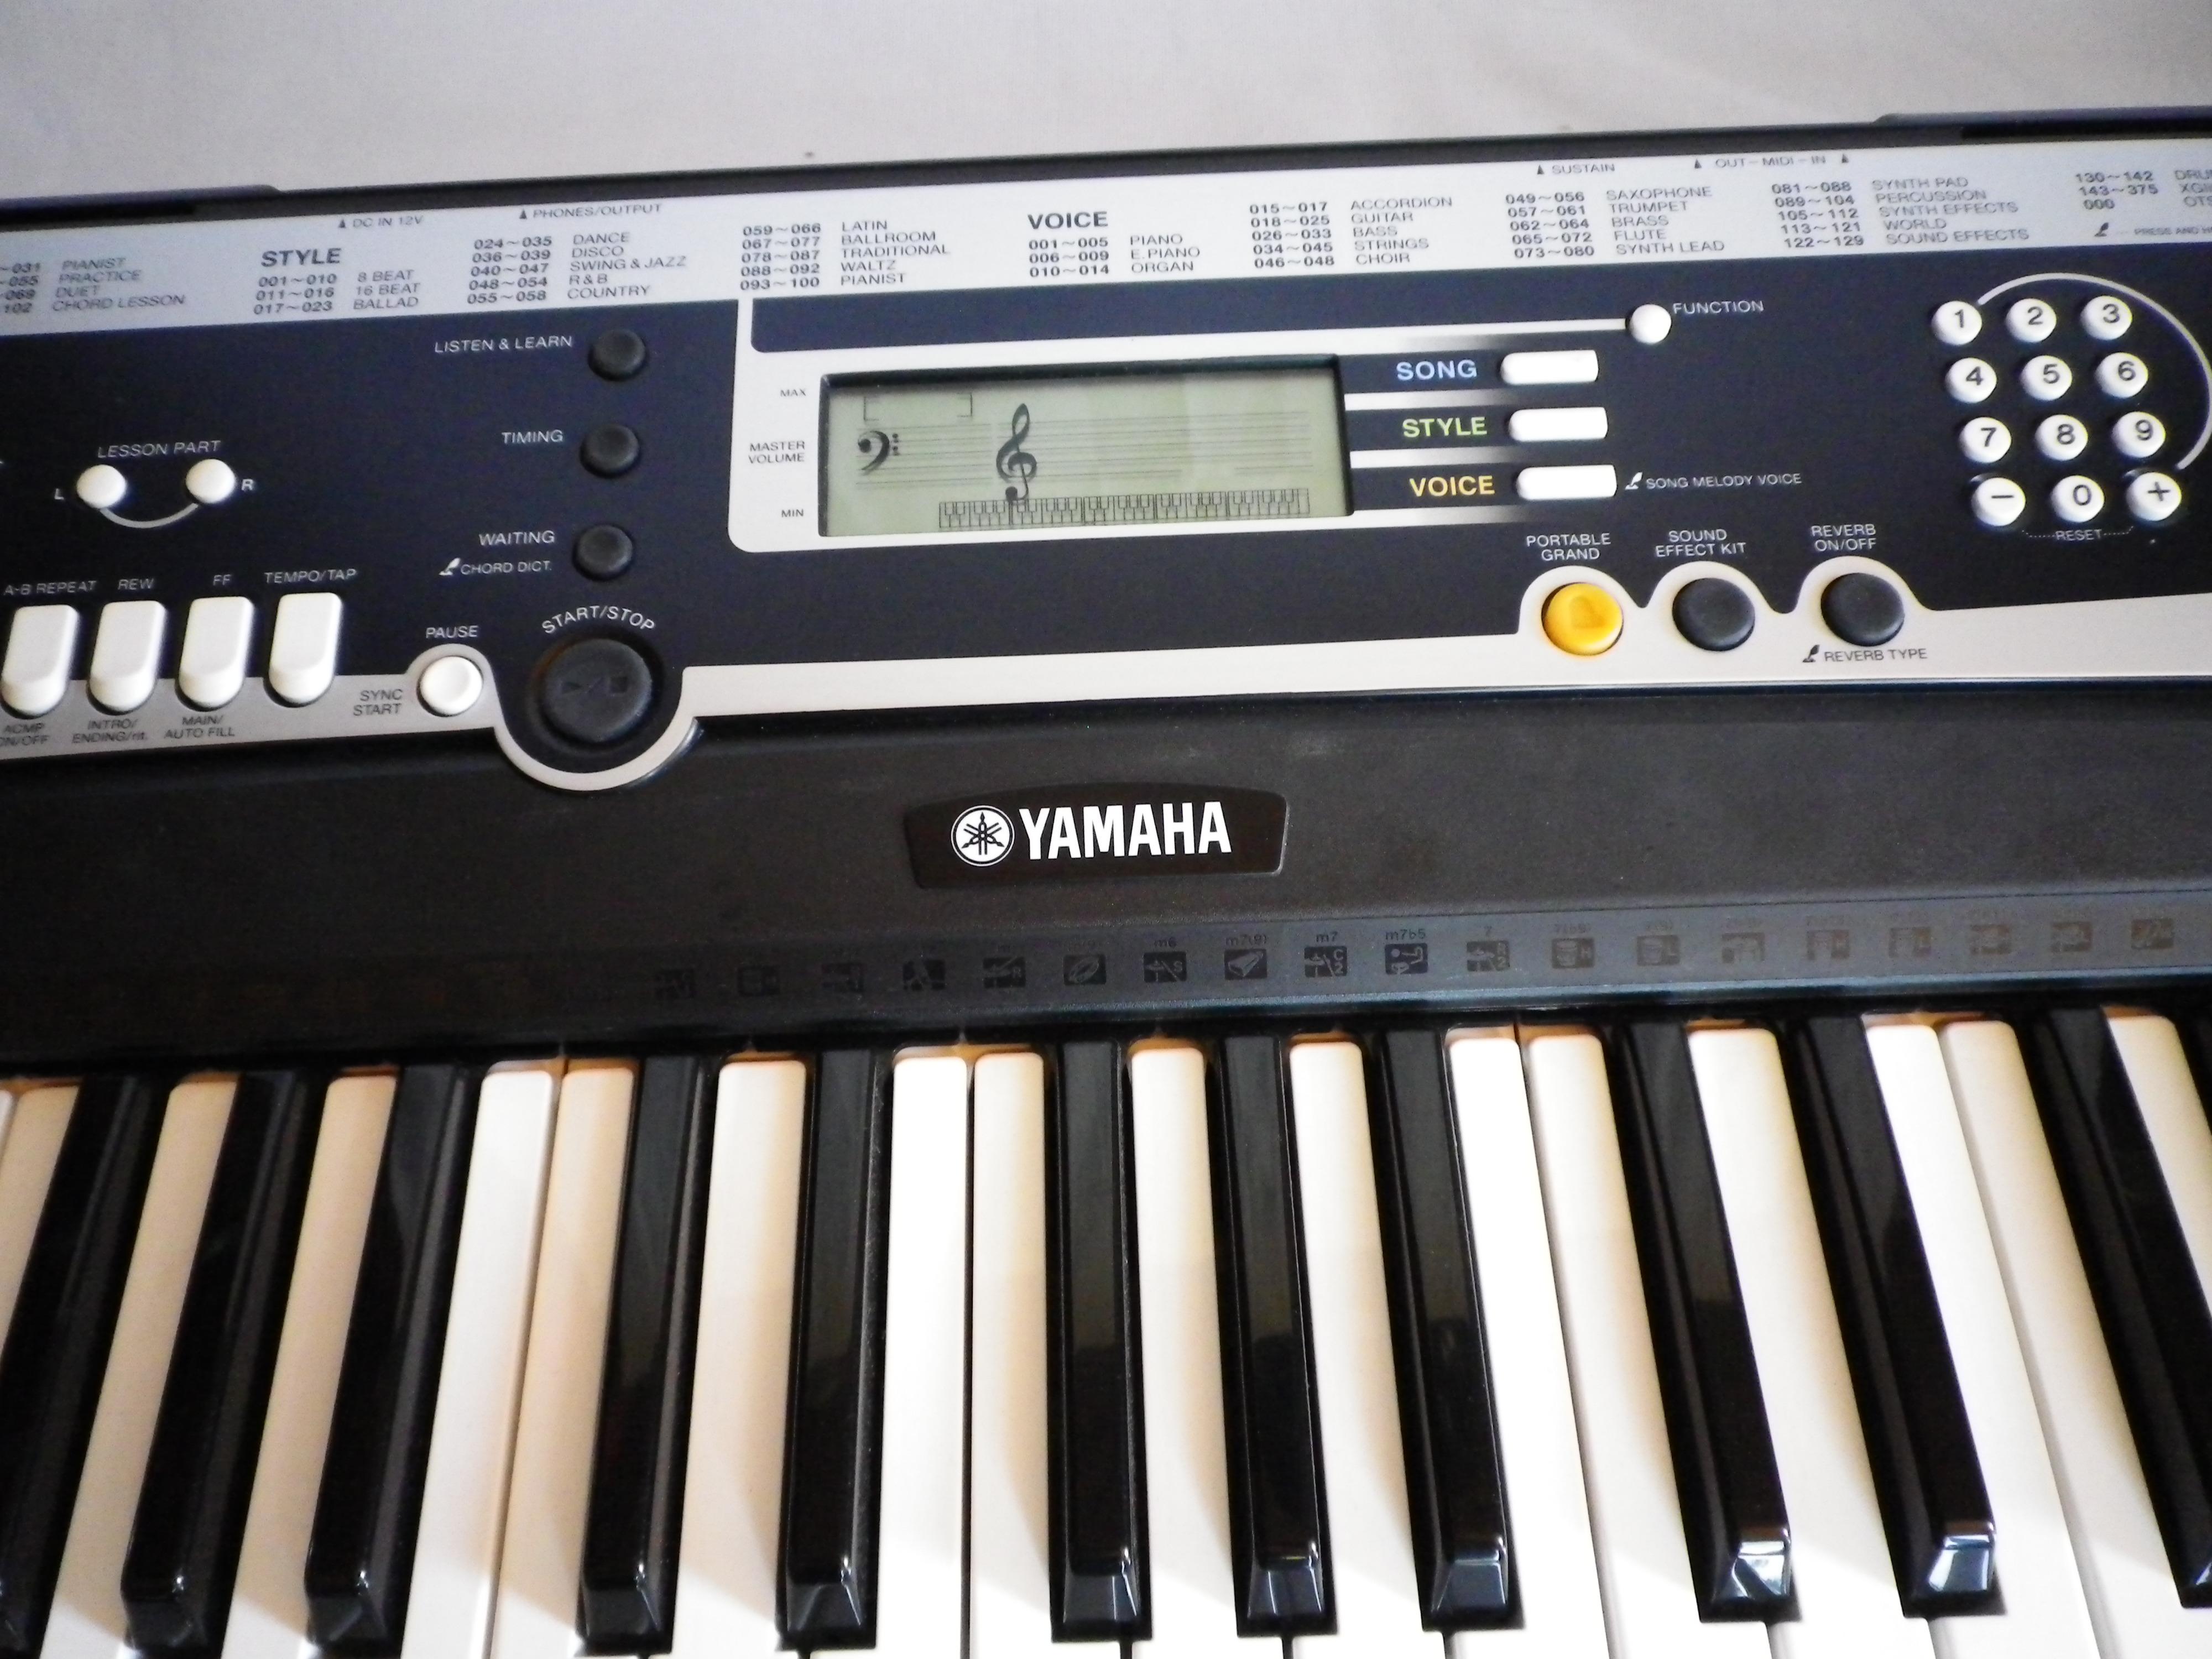 Yamaha ypt 210 image 264040 audiofanzine for Yamaha ypt 210 manual